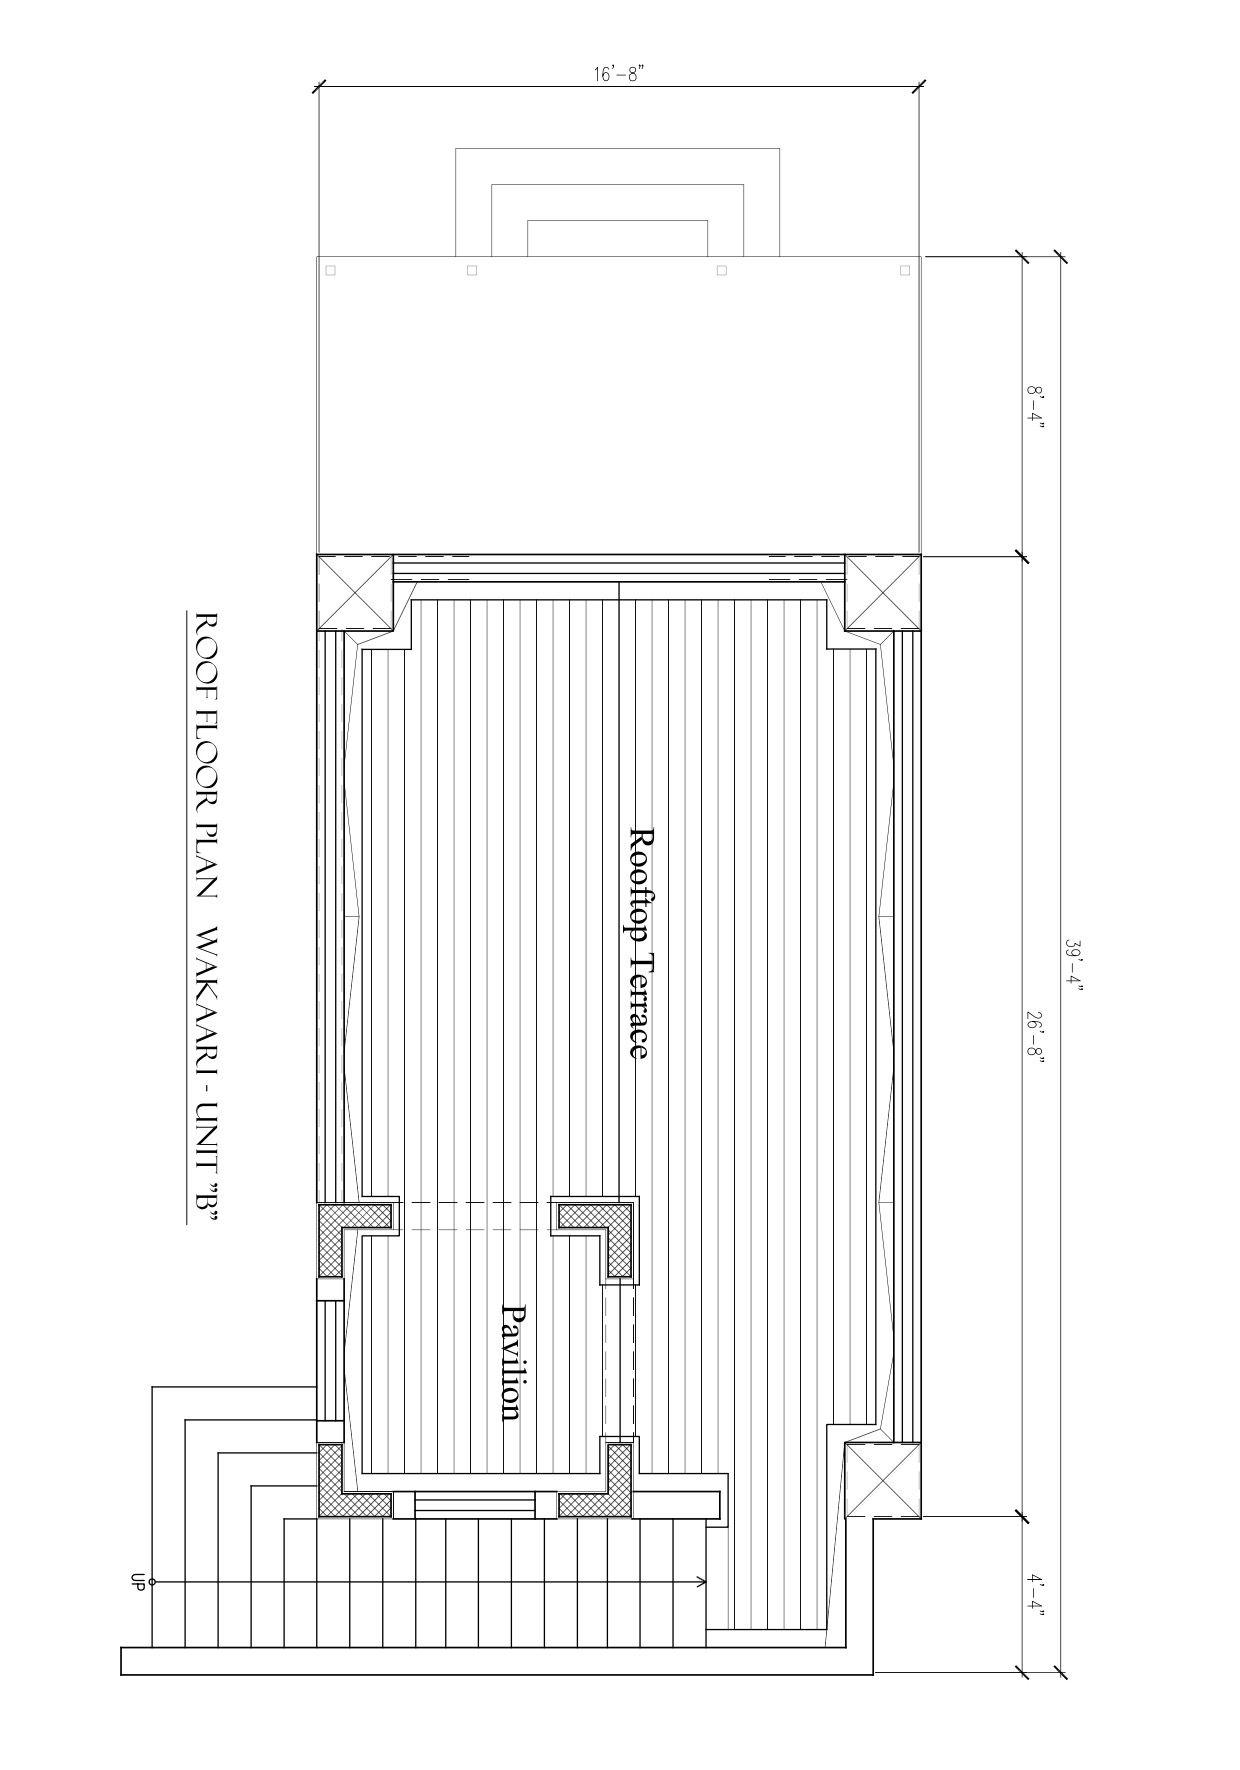 Pin By Jim Huempfner On Cinder Block Garage Apartment Garage Apartments Floor Plans Cinder Block